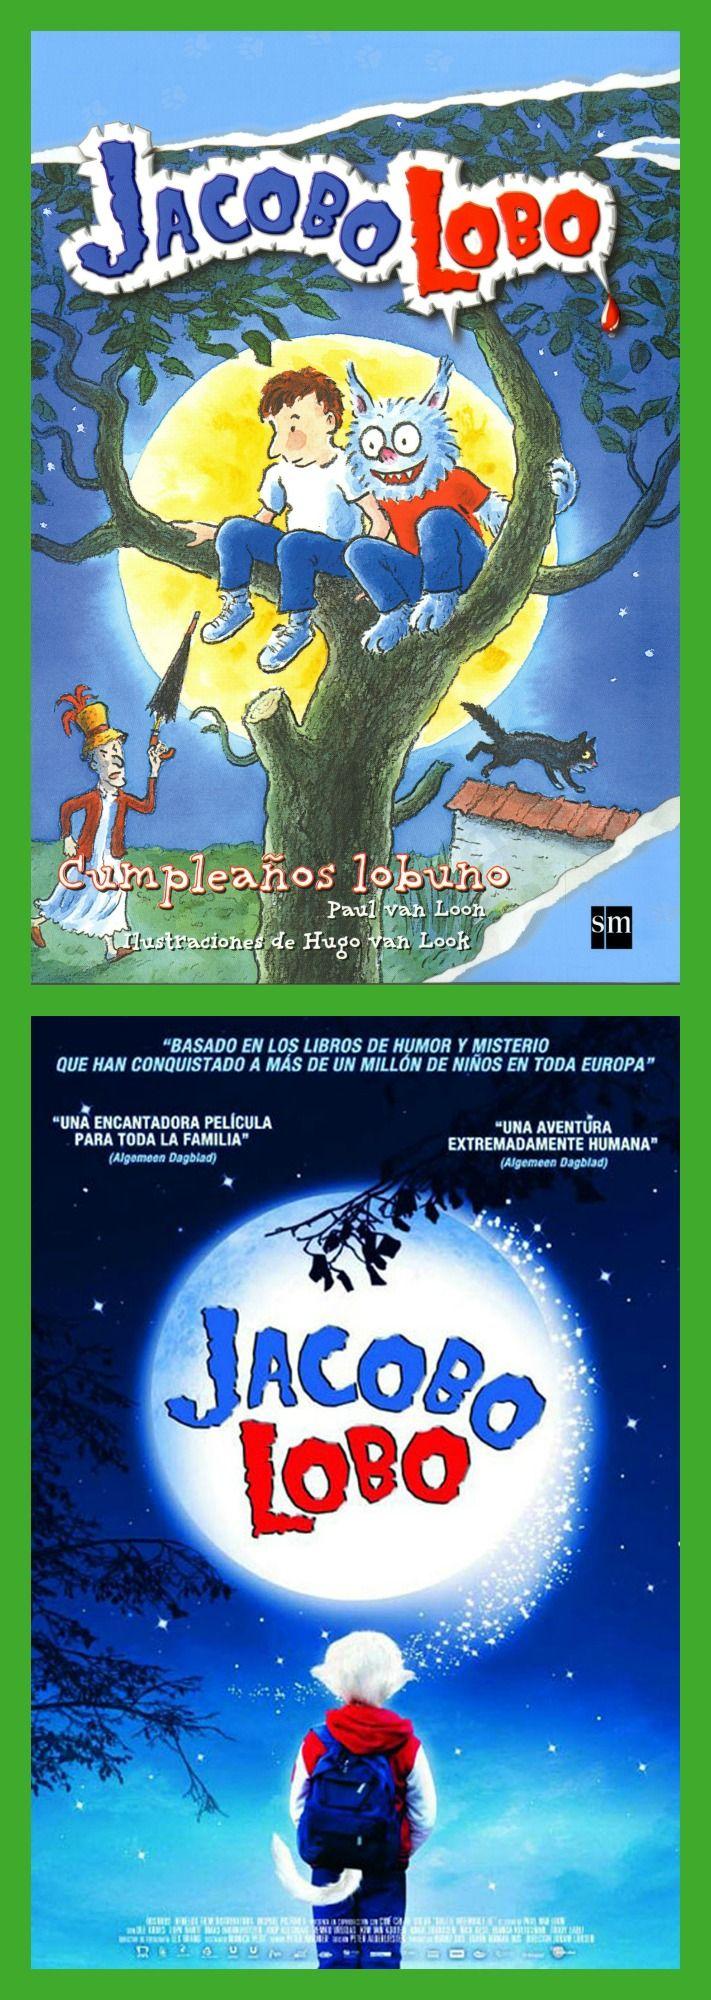 JACOBO LOBO: Jacobo es un niño aparentemente normal... hasta que cumple siete años y descubre algo que cambiará su vida para siempre.              De día sigue siendo un niño, pero en las noches de luna llena Jacobo se transforma en...¡un lobo!  Paul van Loon, el autor de Jacobo Lobo, escribió la primera novela de la serie en 1996. Desde entonces no ha sido capaz de abandonar a Jacobo y sus amigos.